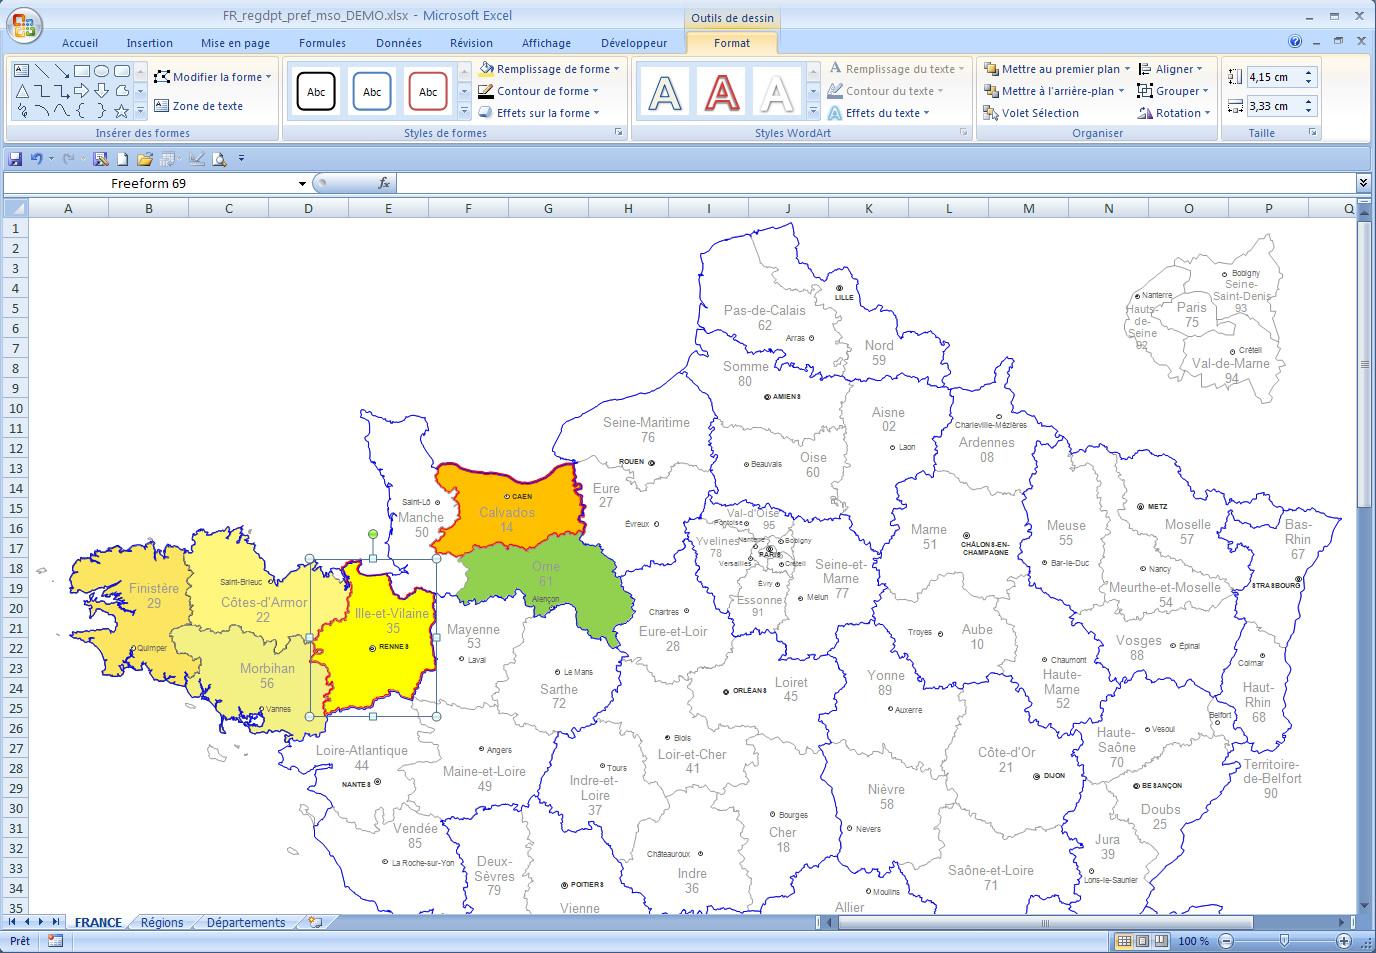 Départements De France Pour Word Et Excel Modifiable à Carte De France Avec Les Départements